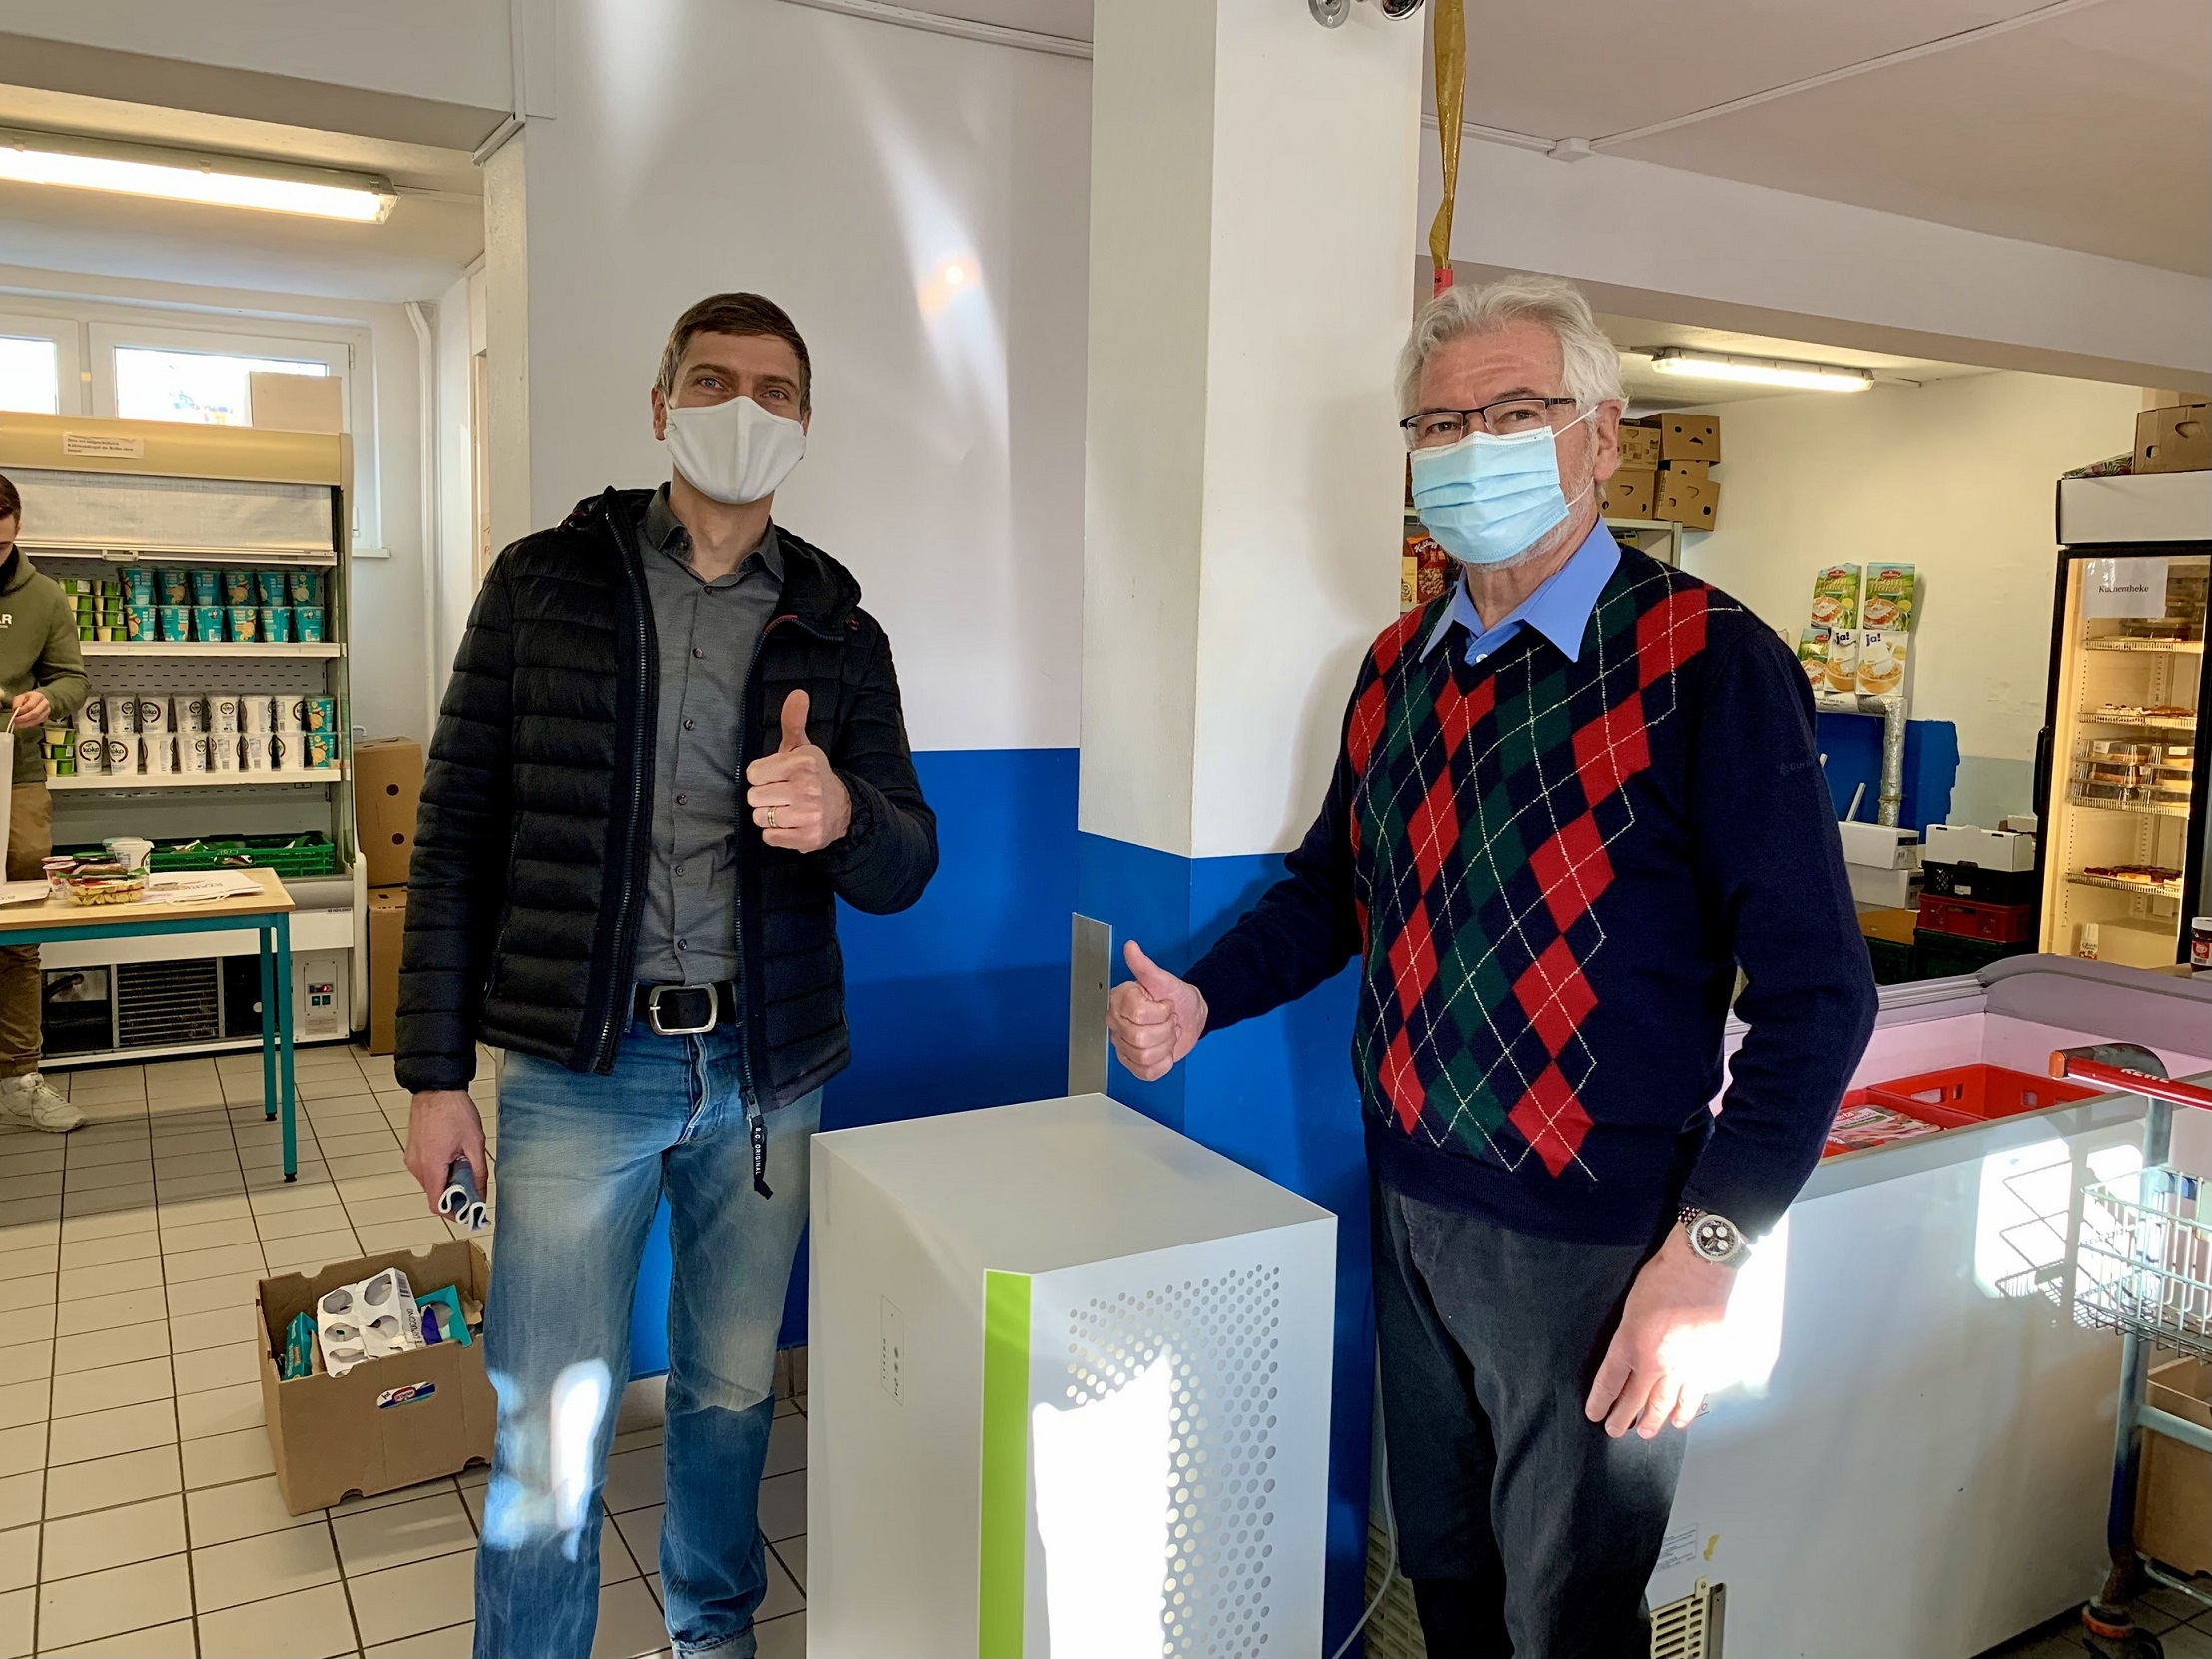 Tafelkiosk Erhält IVOC‑X Luftreiniger Für Saubere Luft